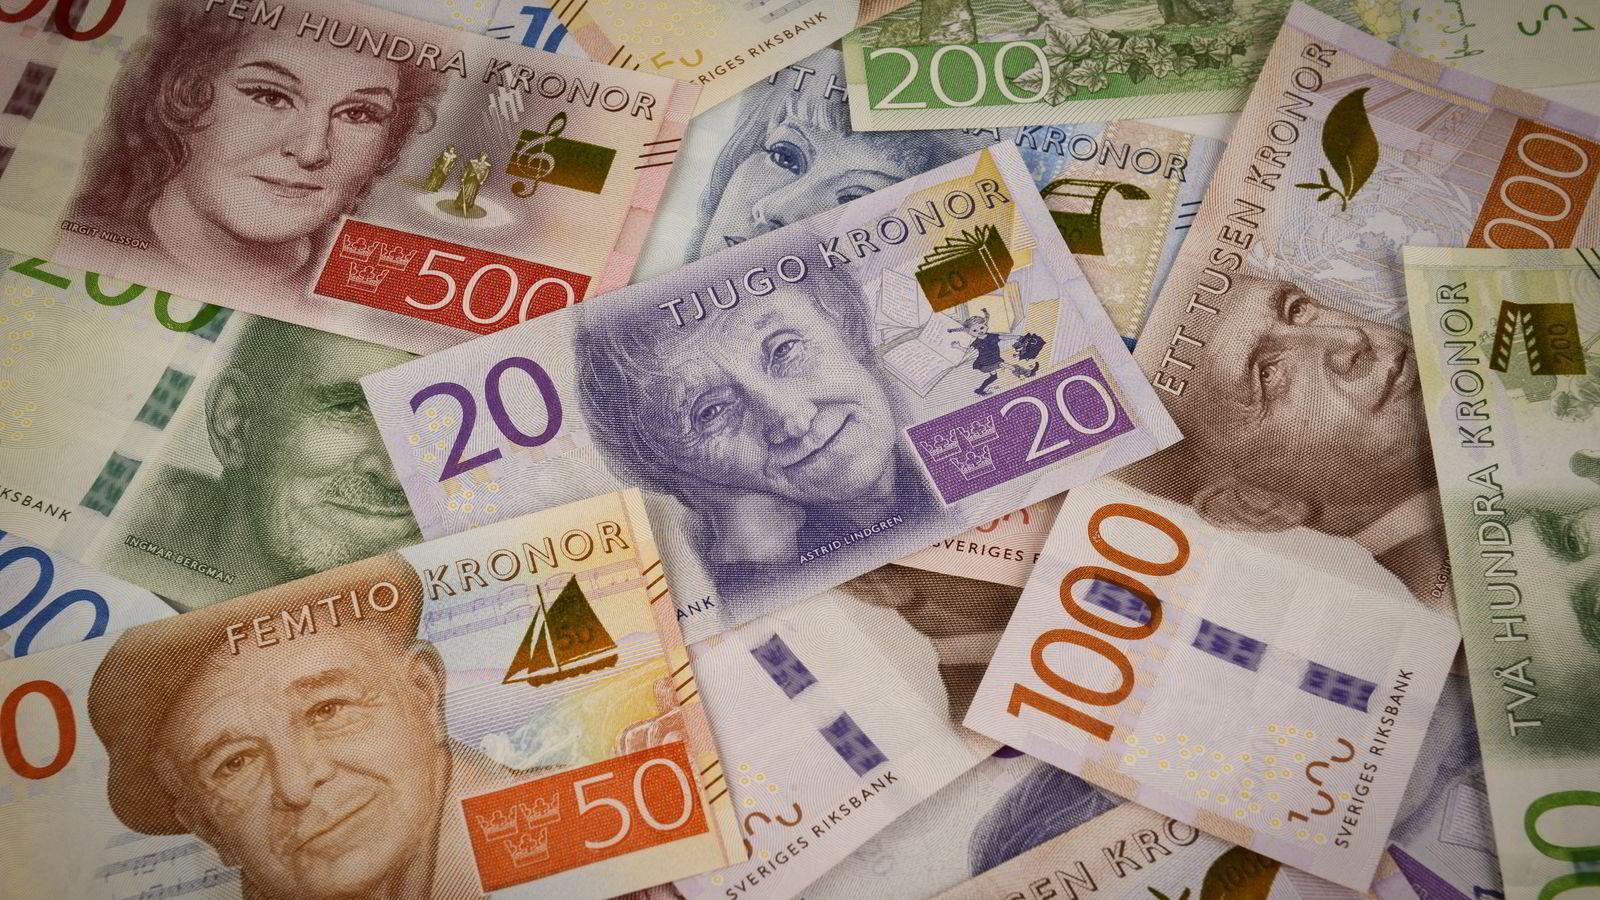 Svenskekronen er blitt helt sentral for rentestyringen i Sverige, mener valutastrateg. Foto: Riksbanken /